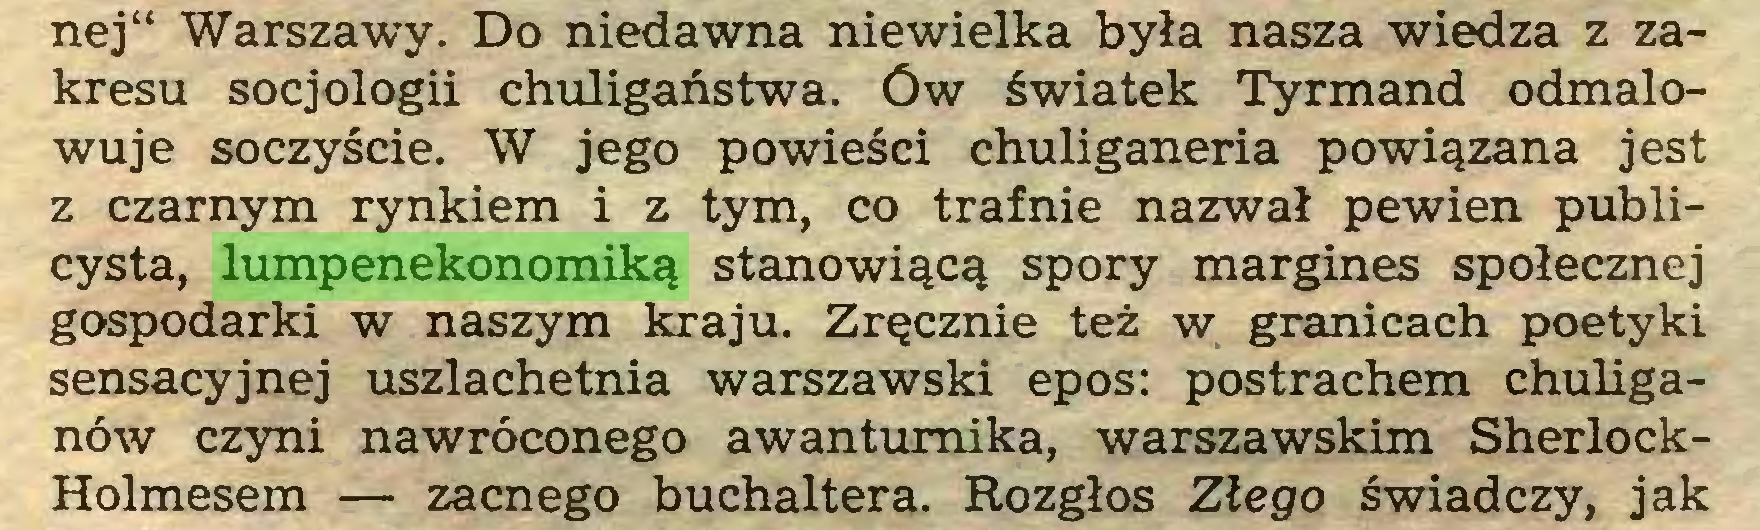 """(...) nej"""" Warszawy. Do niedawna niewielka była nasza wiedza z zakresu socjologii chuligaństwa, ów światek Tyrmand odmalowuje soczyście. W jego powieści chuliganeria powiązana jest z czarnym rynkiem i z tym, co trafnie nazwał pewien publicysta, lumpenekonomiką stanowiącą spory margines społecznej gospodarki w naszym kraju. Zręcznie też w granicach poetyki sensacyjnej uszlachetnia warszawski epos: postrachem chuliganów czyni nawróconego awanturnika, warszawskim SherlockHolmesem — zacnego buchaltera. Rozgłos Złego świadczy, jak..."""